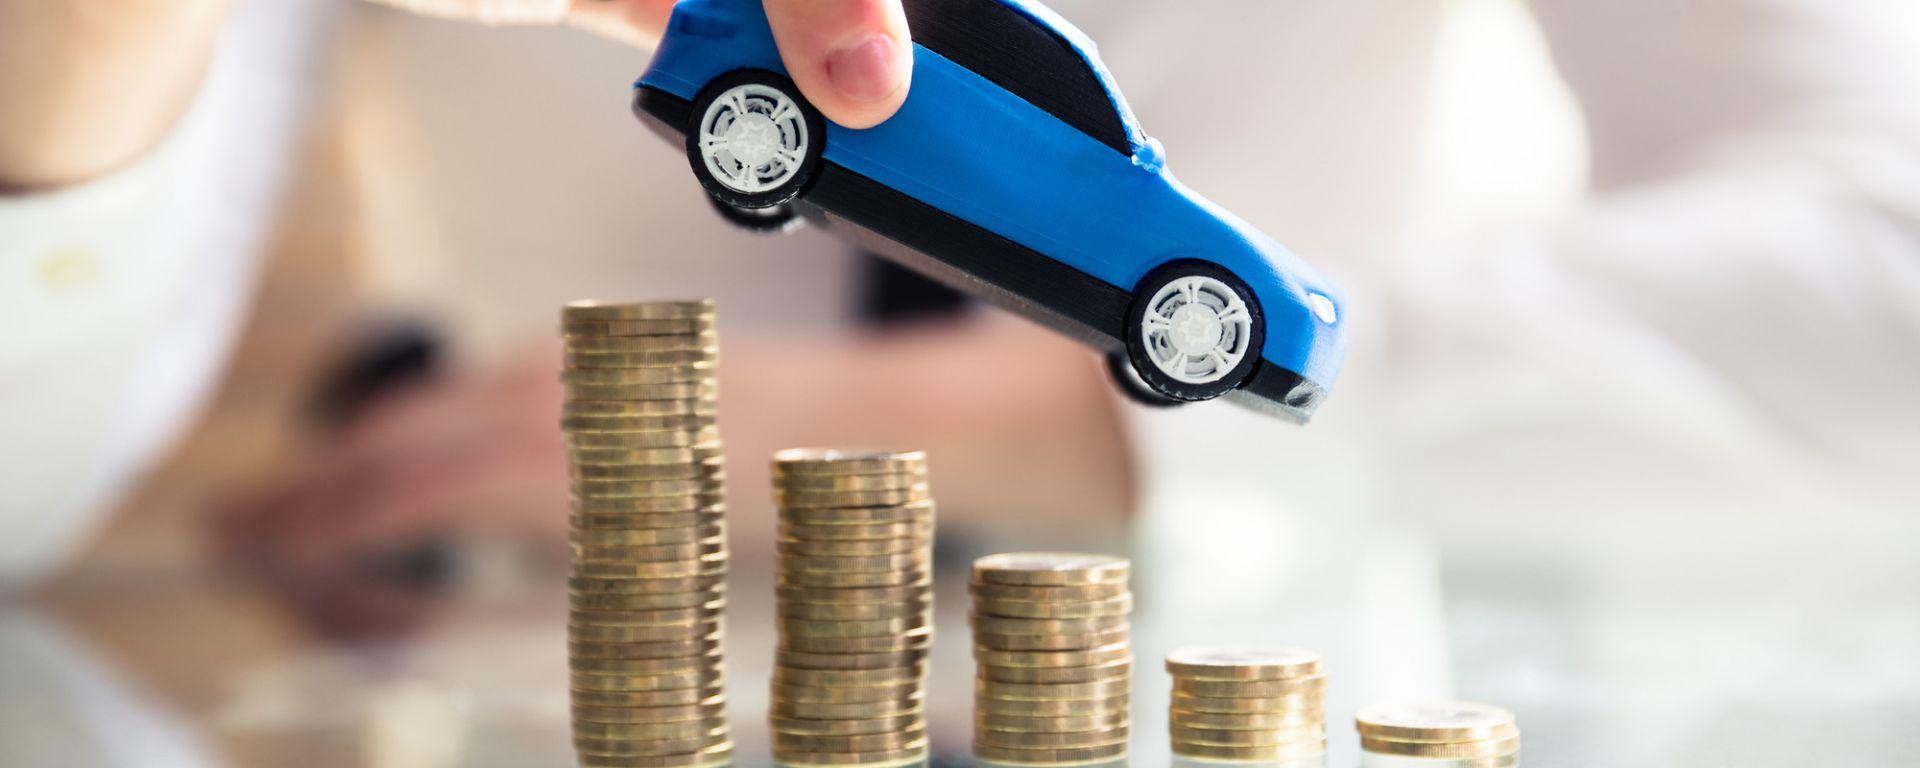 Incentivi auto 2020, il risparmio può sfiorare i 20.000 euro